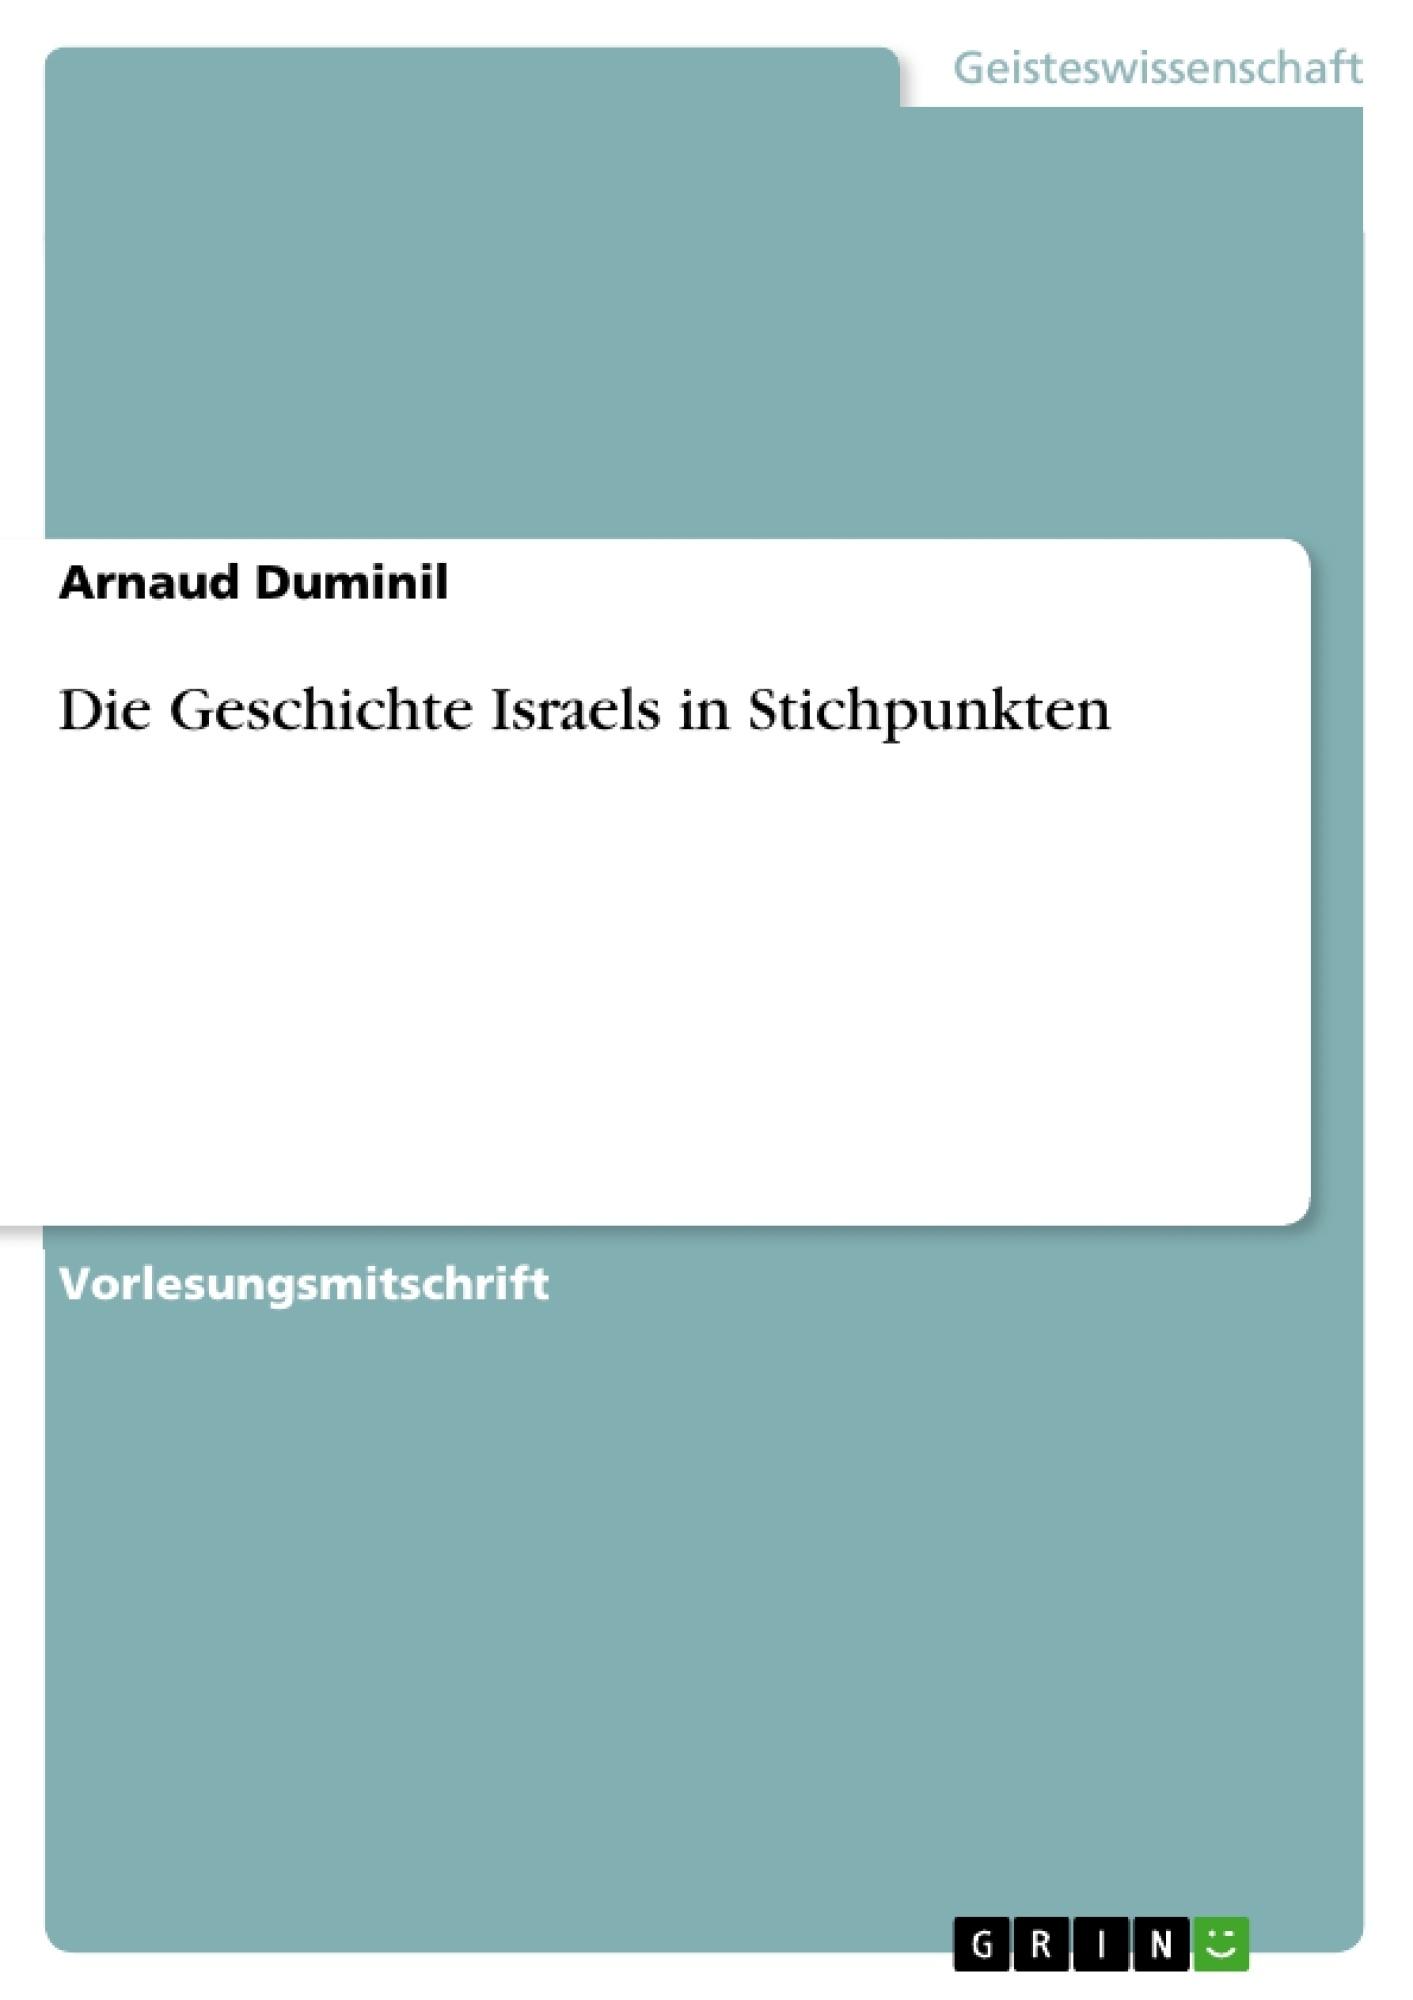 Titel: Die Geschichte Israels in Stichpunkten